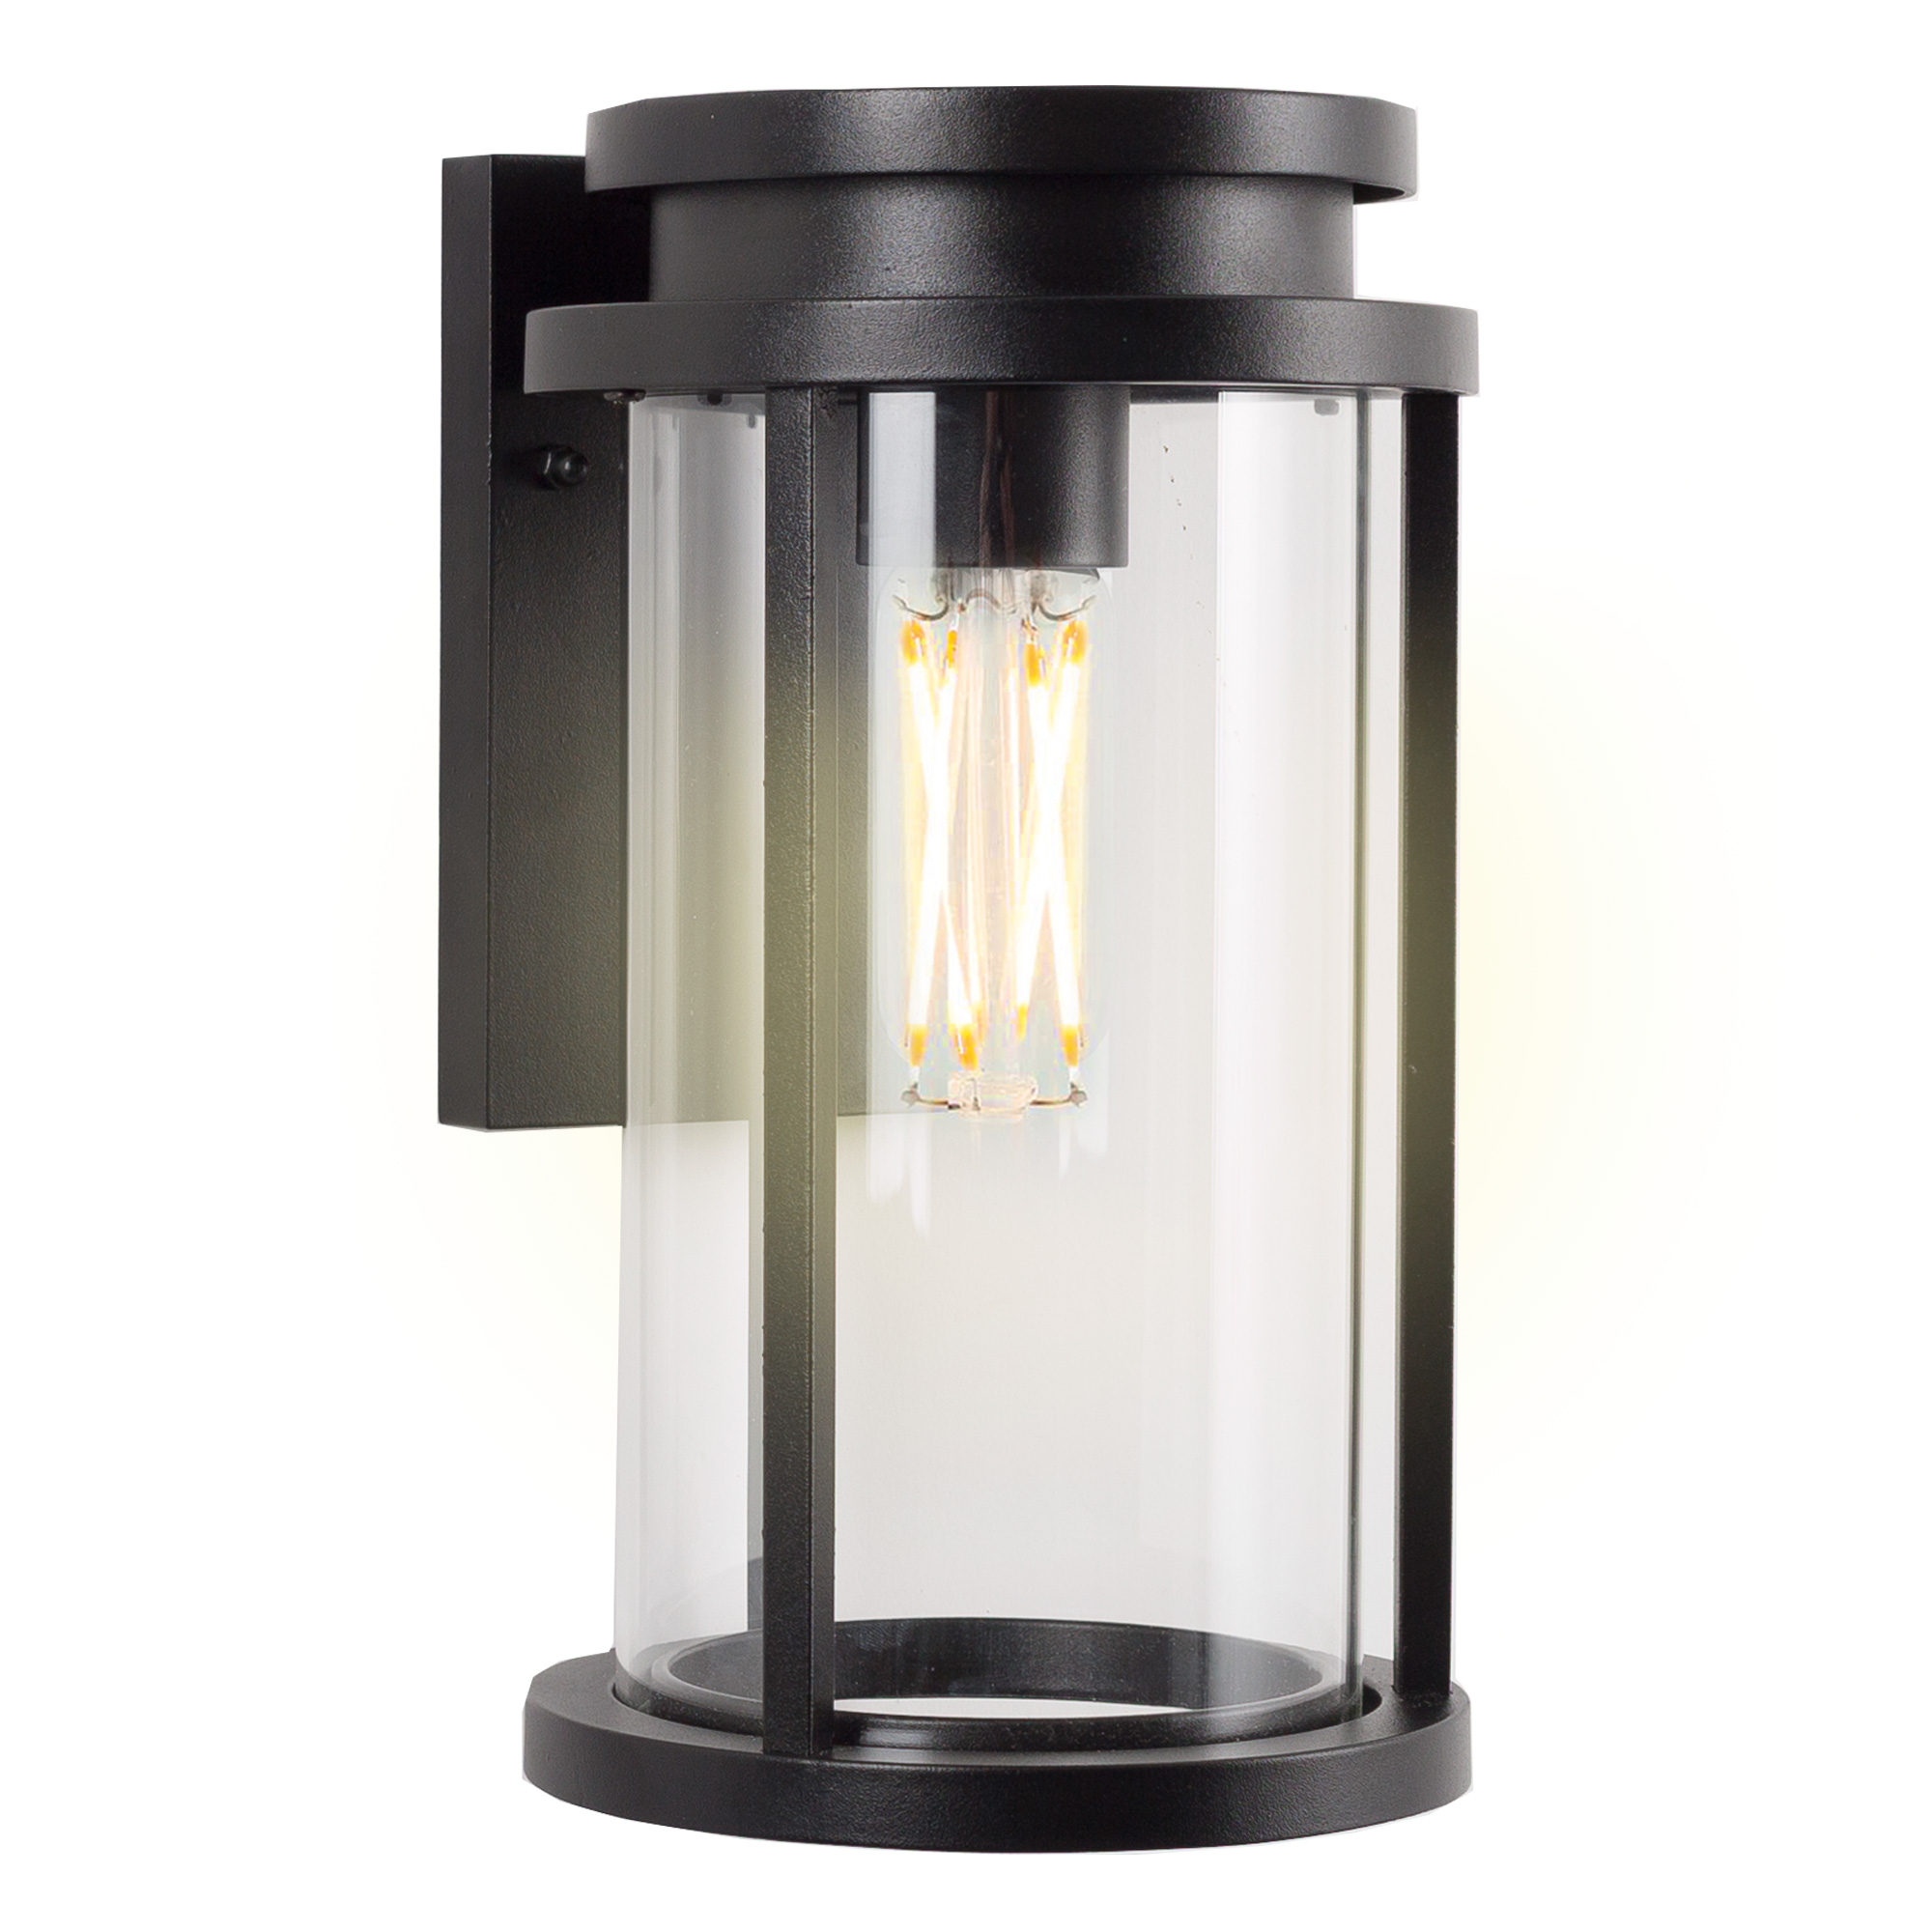 Buitenlamp Sydney Zwart Large Wandlamp